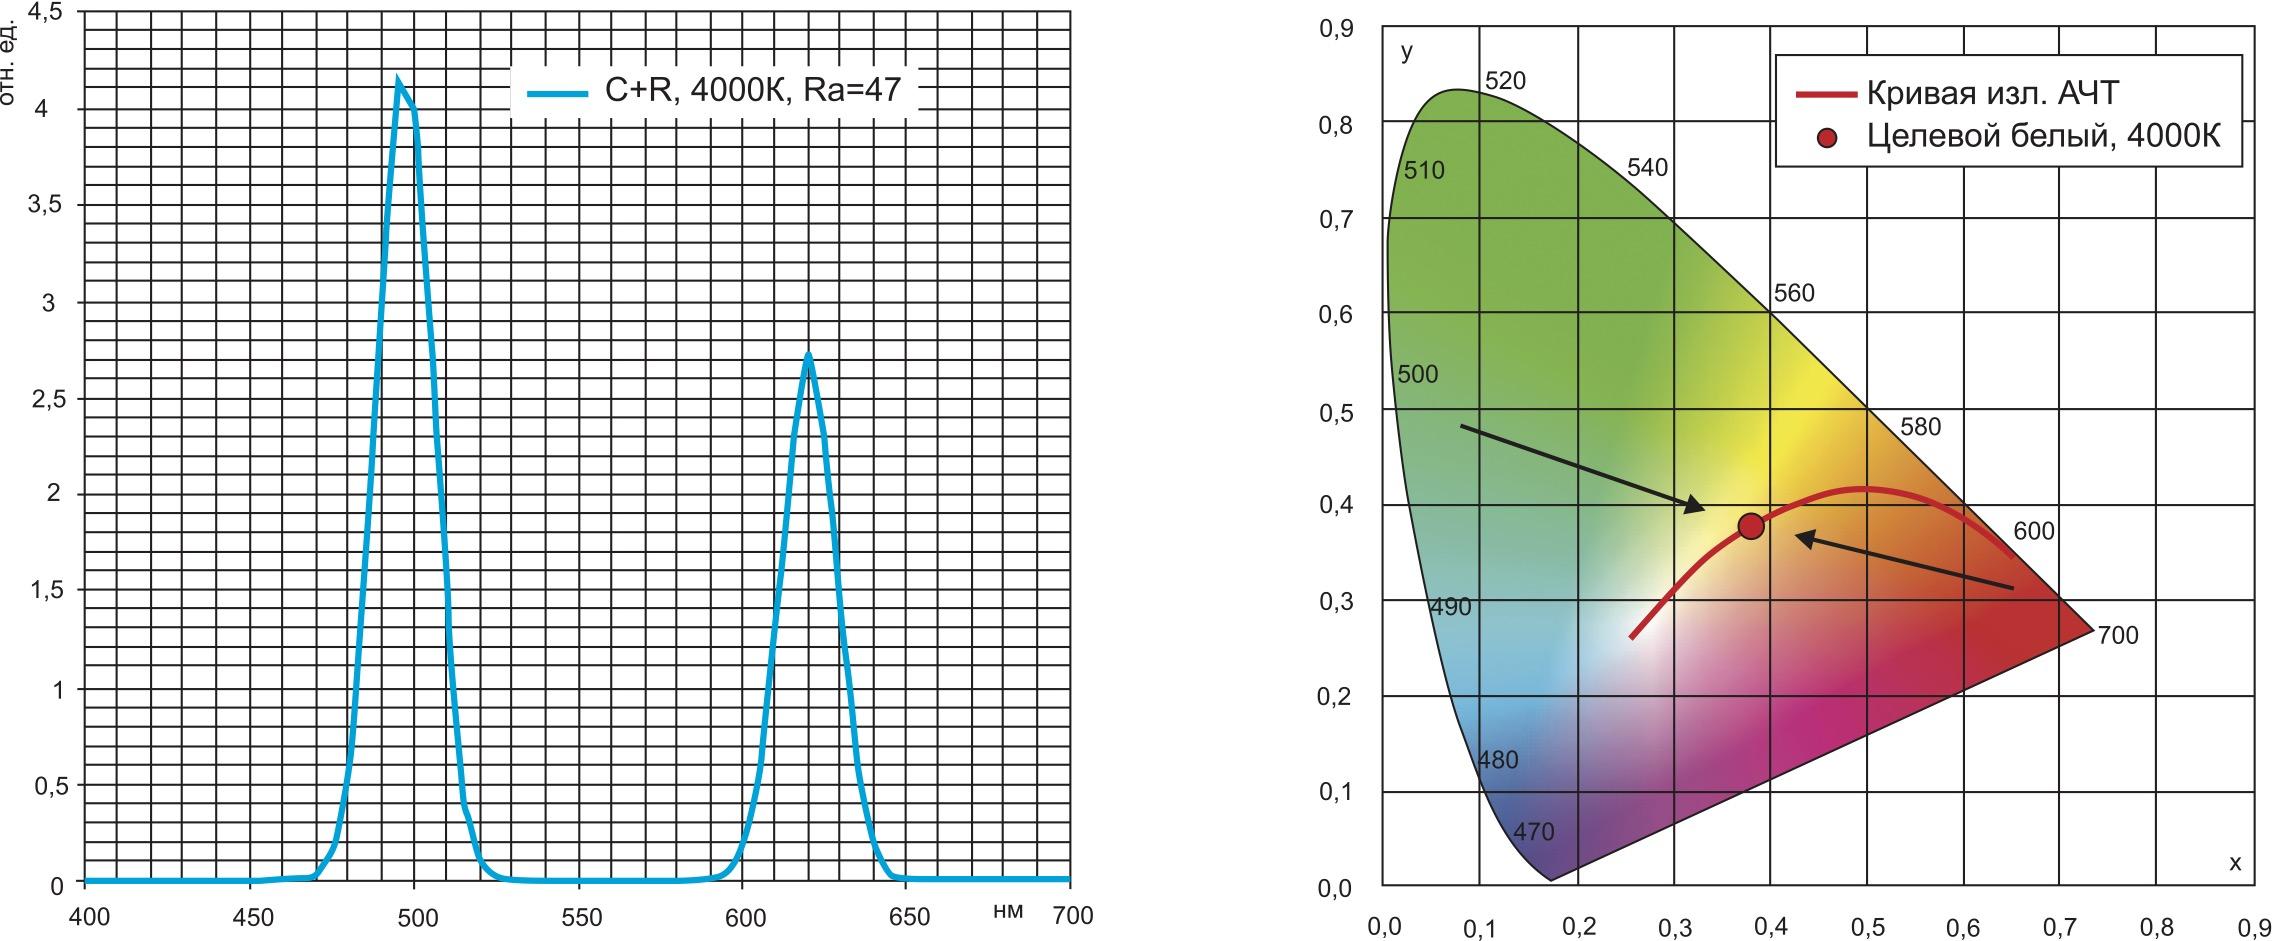 Двухкомпонентный белый из голубого и красного (спектрально бедный вариант белого цвета с рекордно низкой цветопередачей)